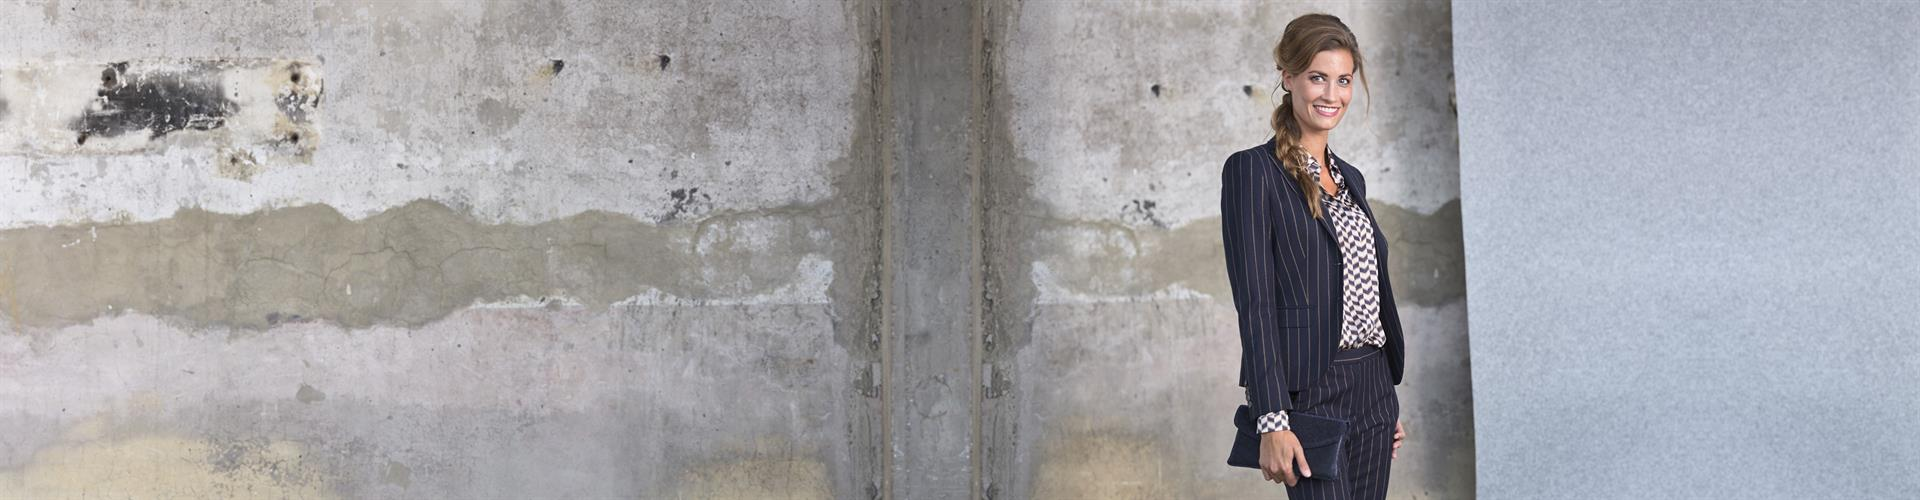 WinkelDetail-Dames-BannerTop-3840x1000